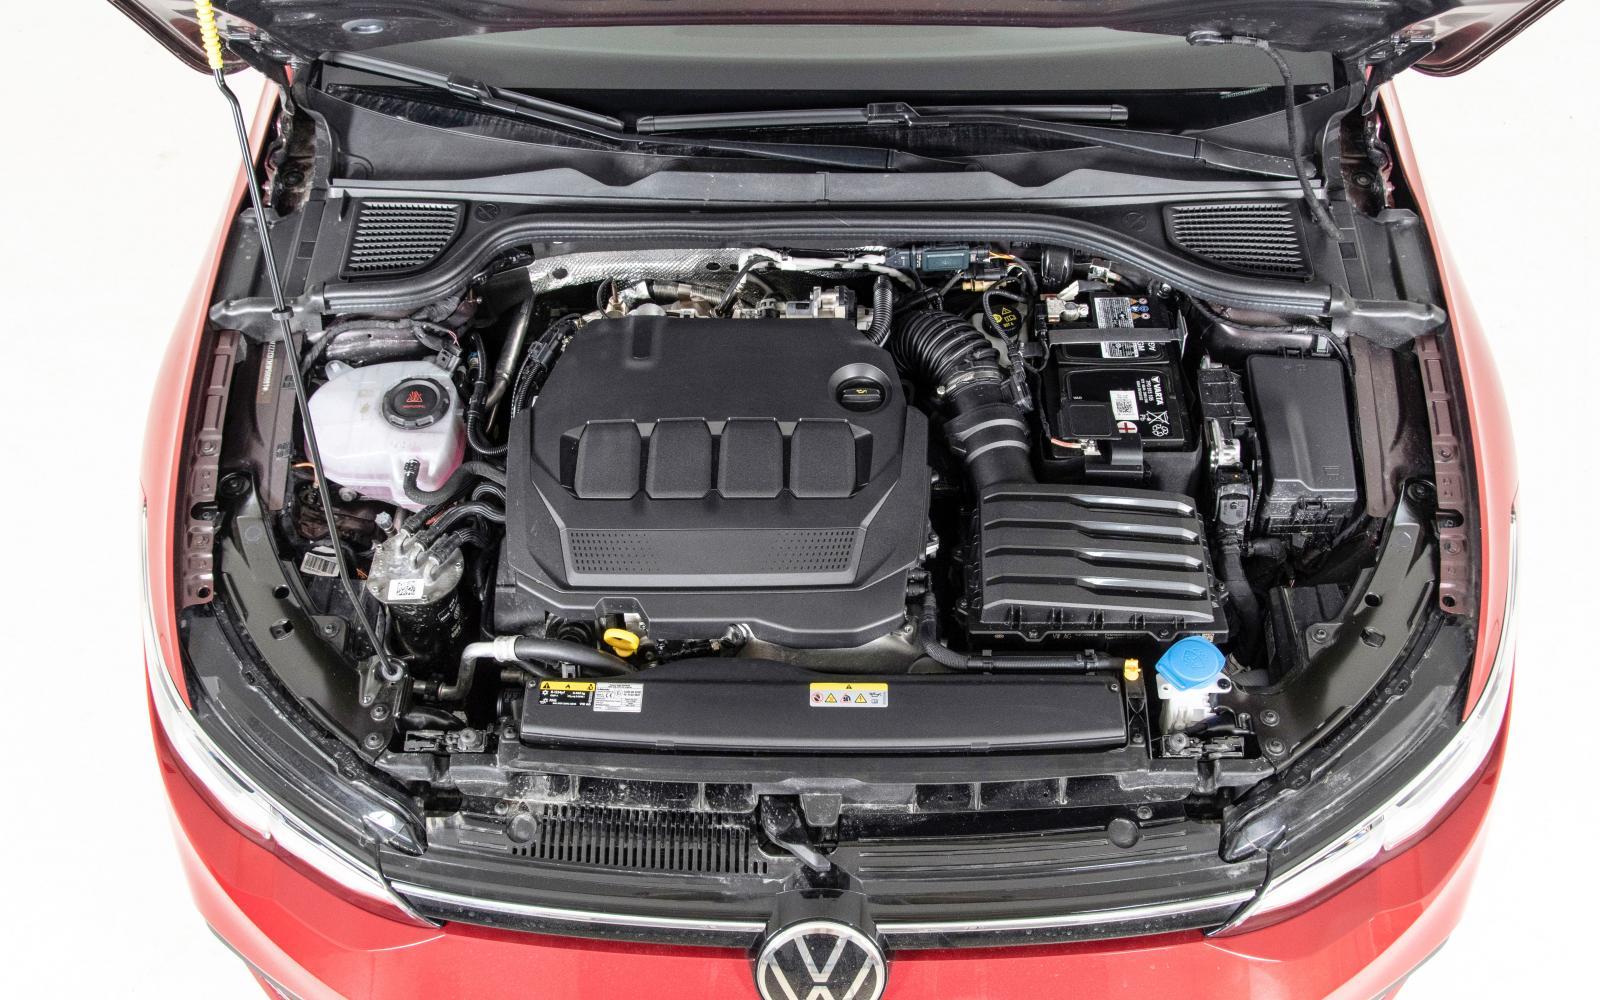 Den omarbetade 2,0 TDI-motorn är lätt att köra snålt och har fått dubbla NOx-katalysatorer för att hålla nere utsläppen. Gångkulturen imponerar och dieselns nackdelar märks knappt under testkörningen.